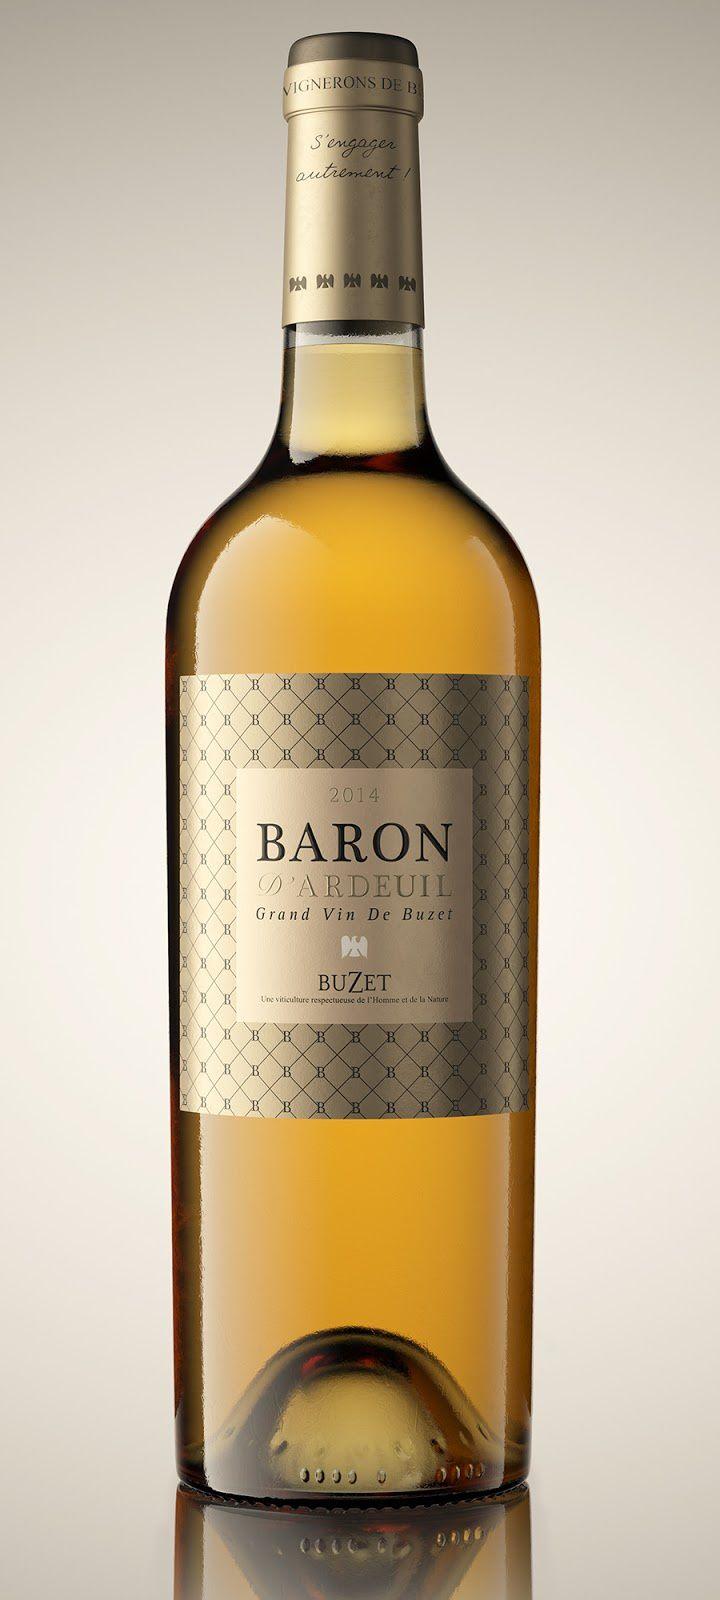 Baron d'Ardeuil - Vignerons de Buzet (vin) | Design : Lasuite Atelier, Bordeaux, France (février 2016)